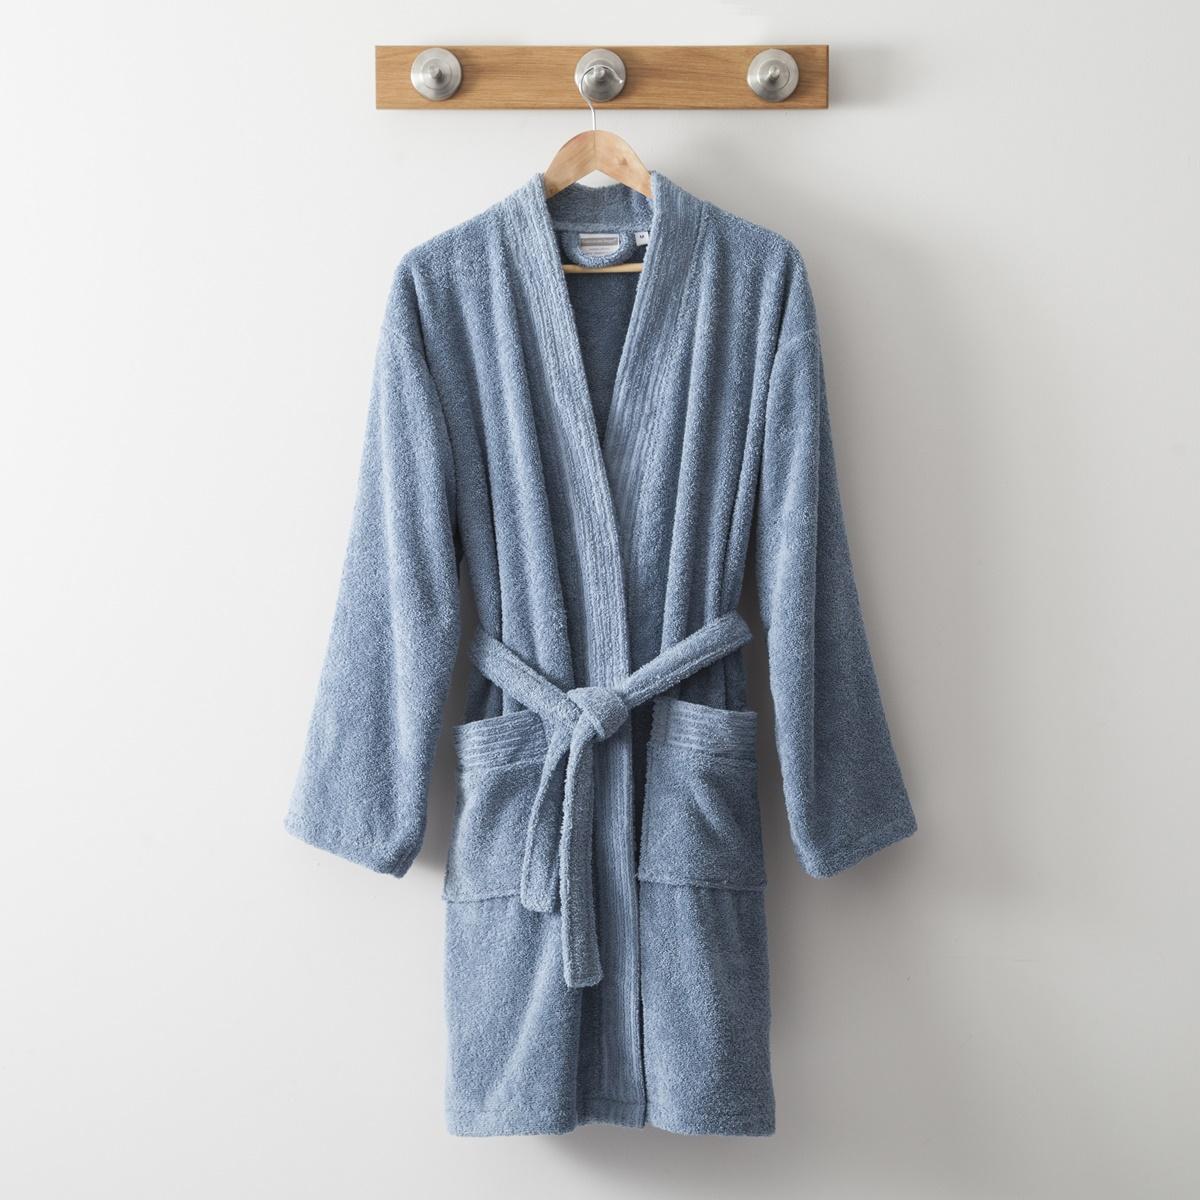 Cotton Kimono 420 Gr blue | Bed linen | Tradition des Vosges